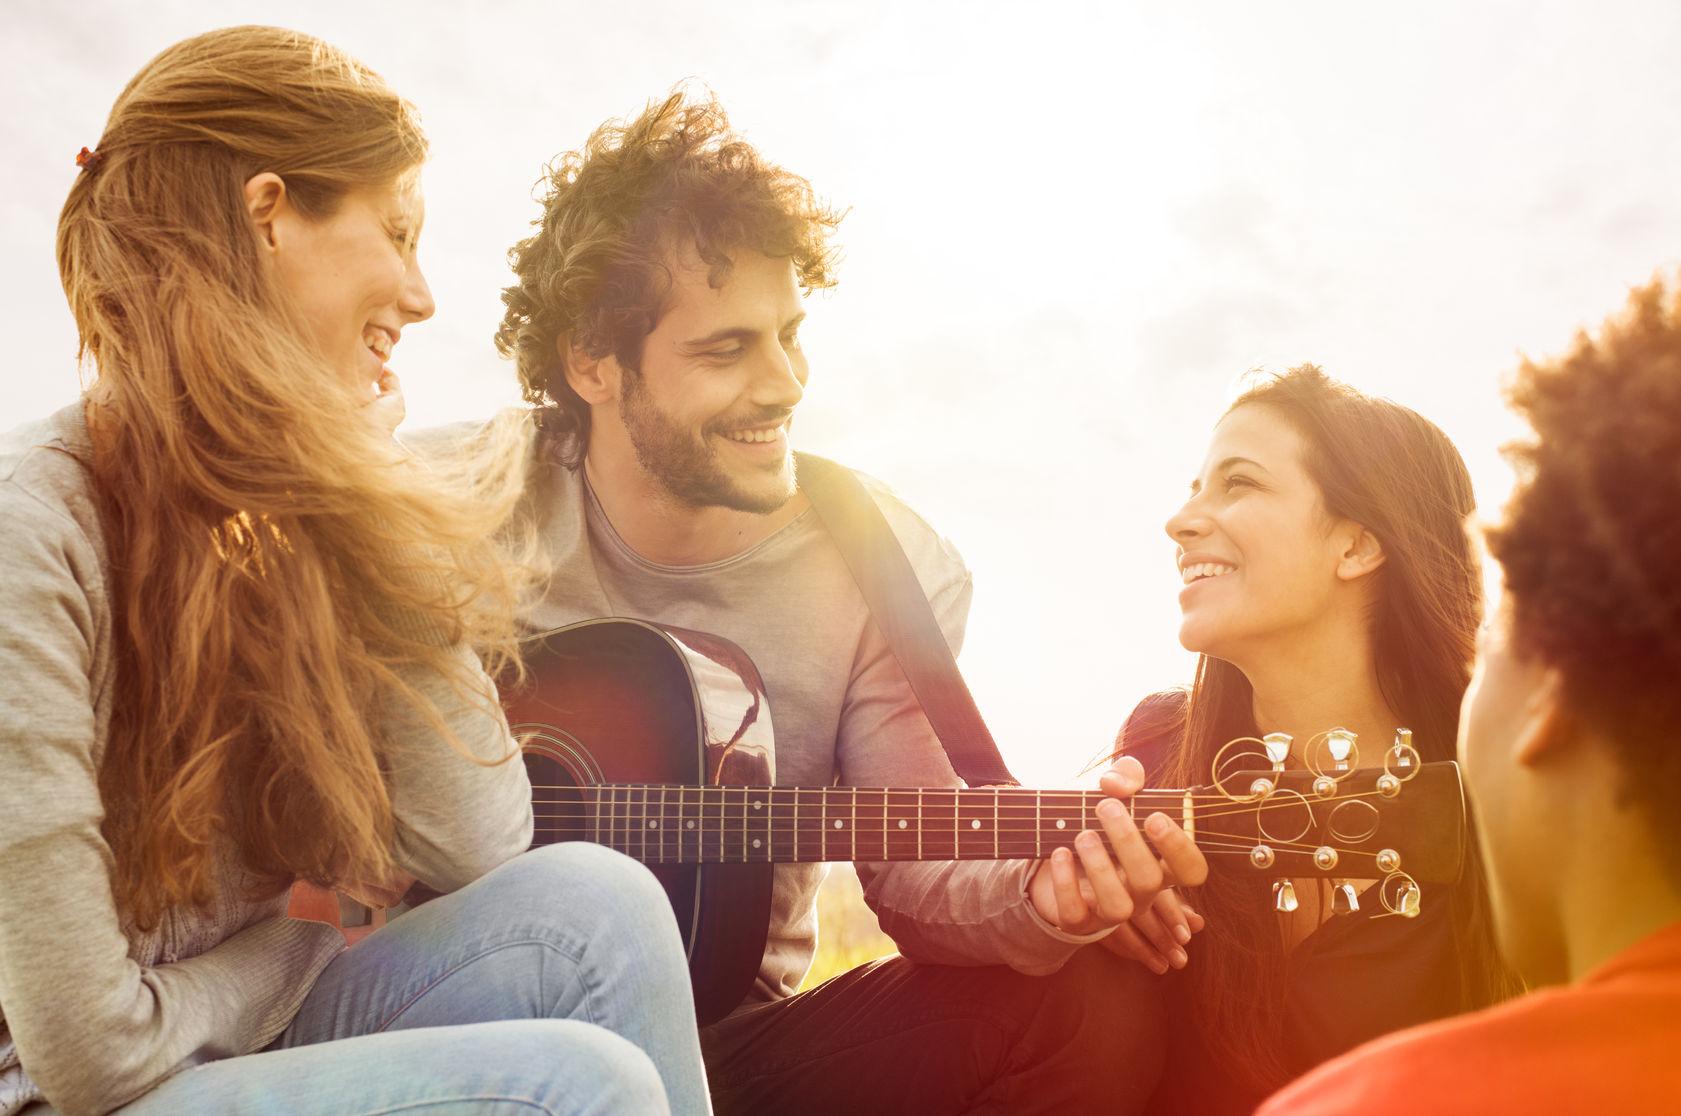 Âm nhạc là cầu nối cho tình bạn